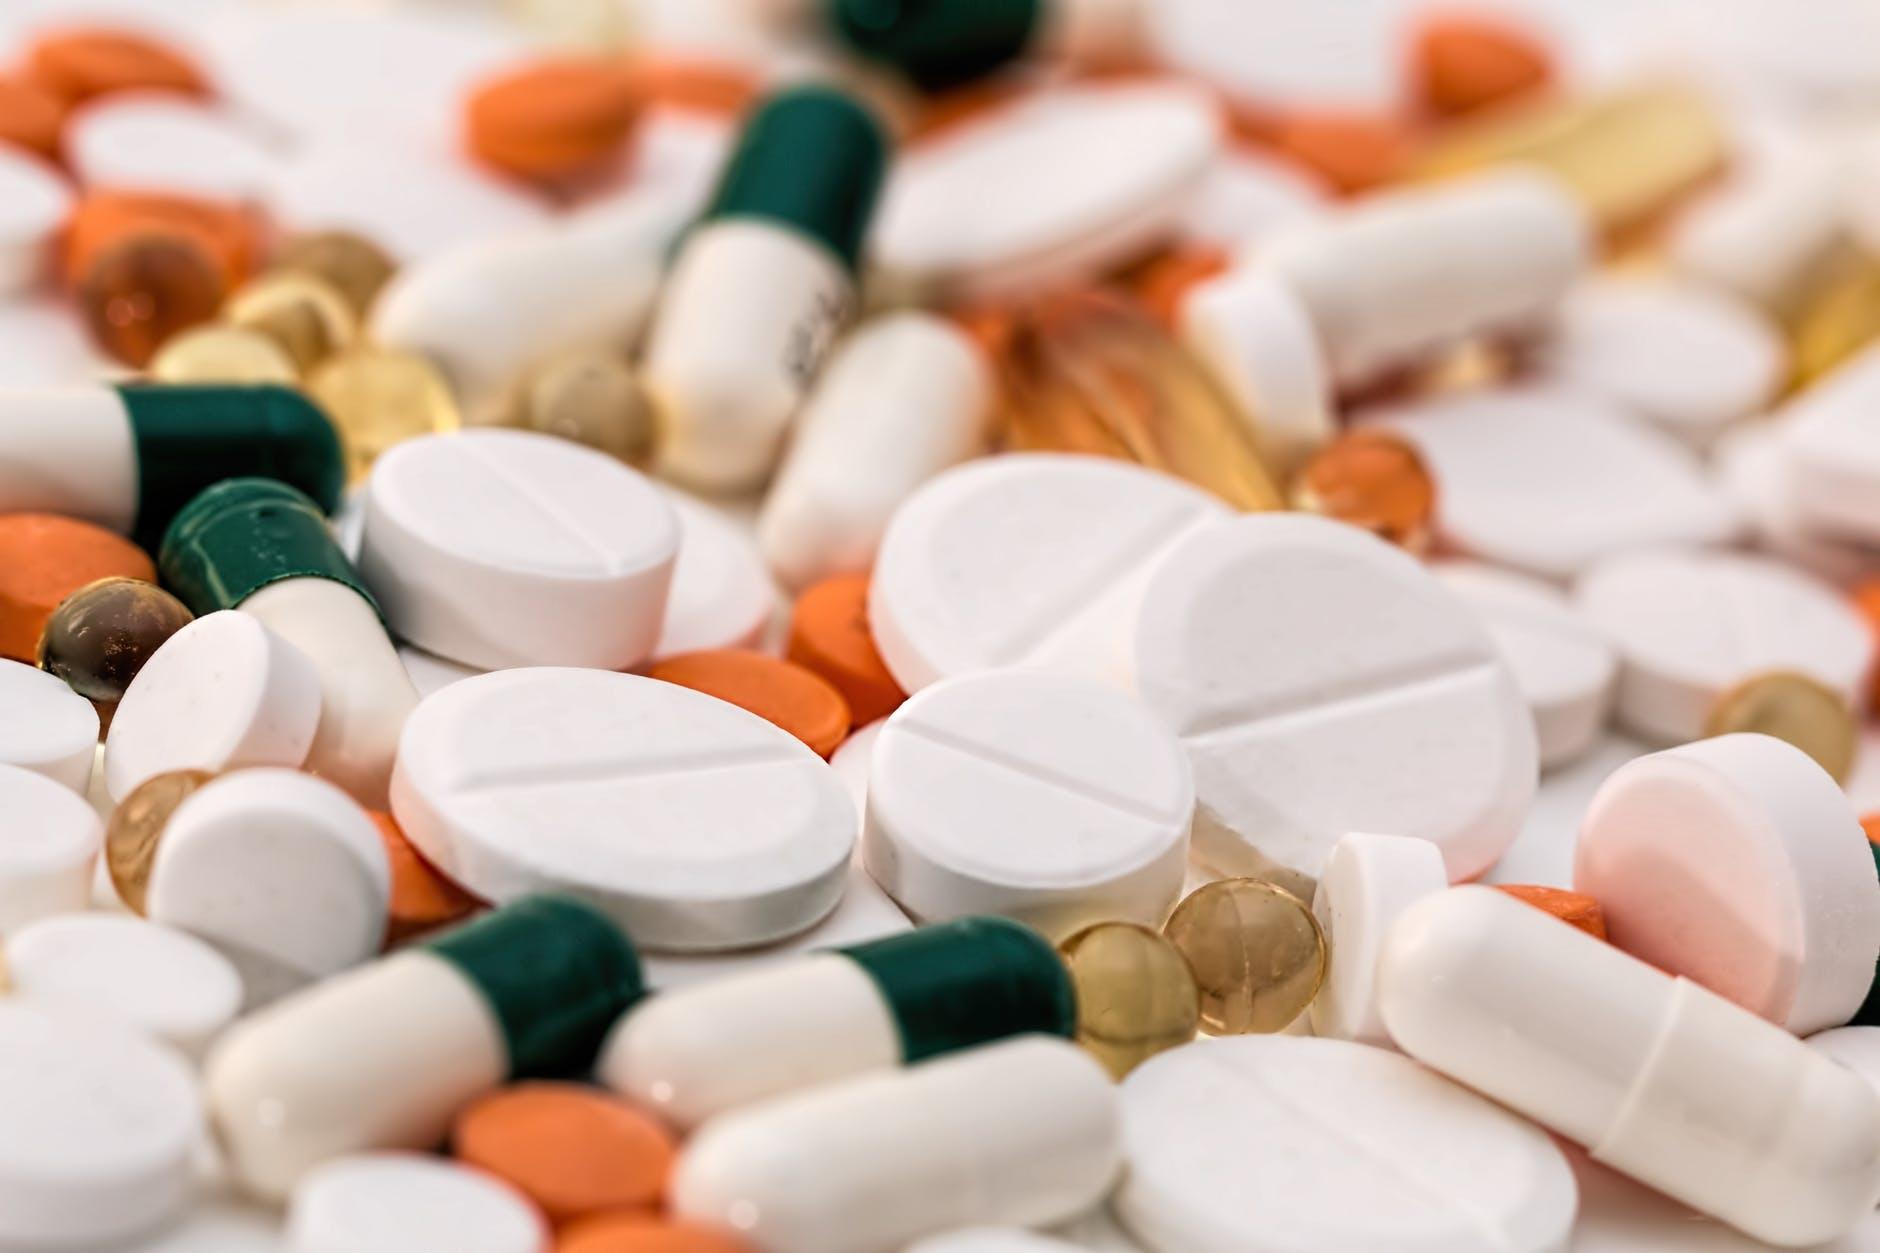 pile of pharmaceutical pills